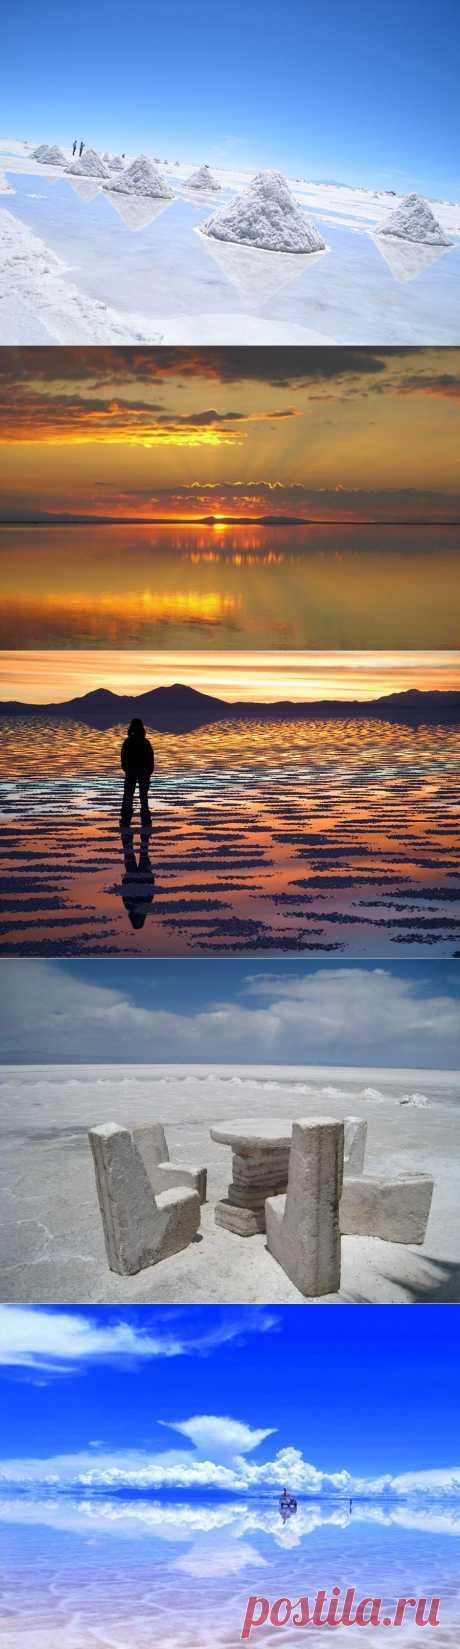 Солончак Уюни (Salar de Uyuni)-природное зеркало Земли | В мире интересного